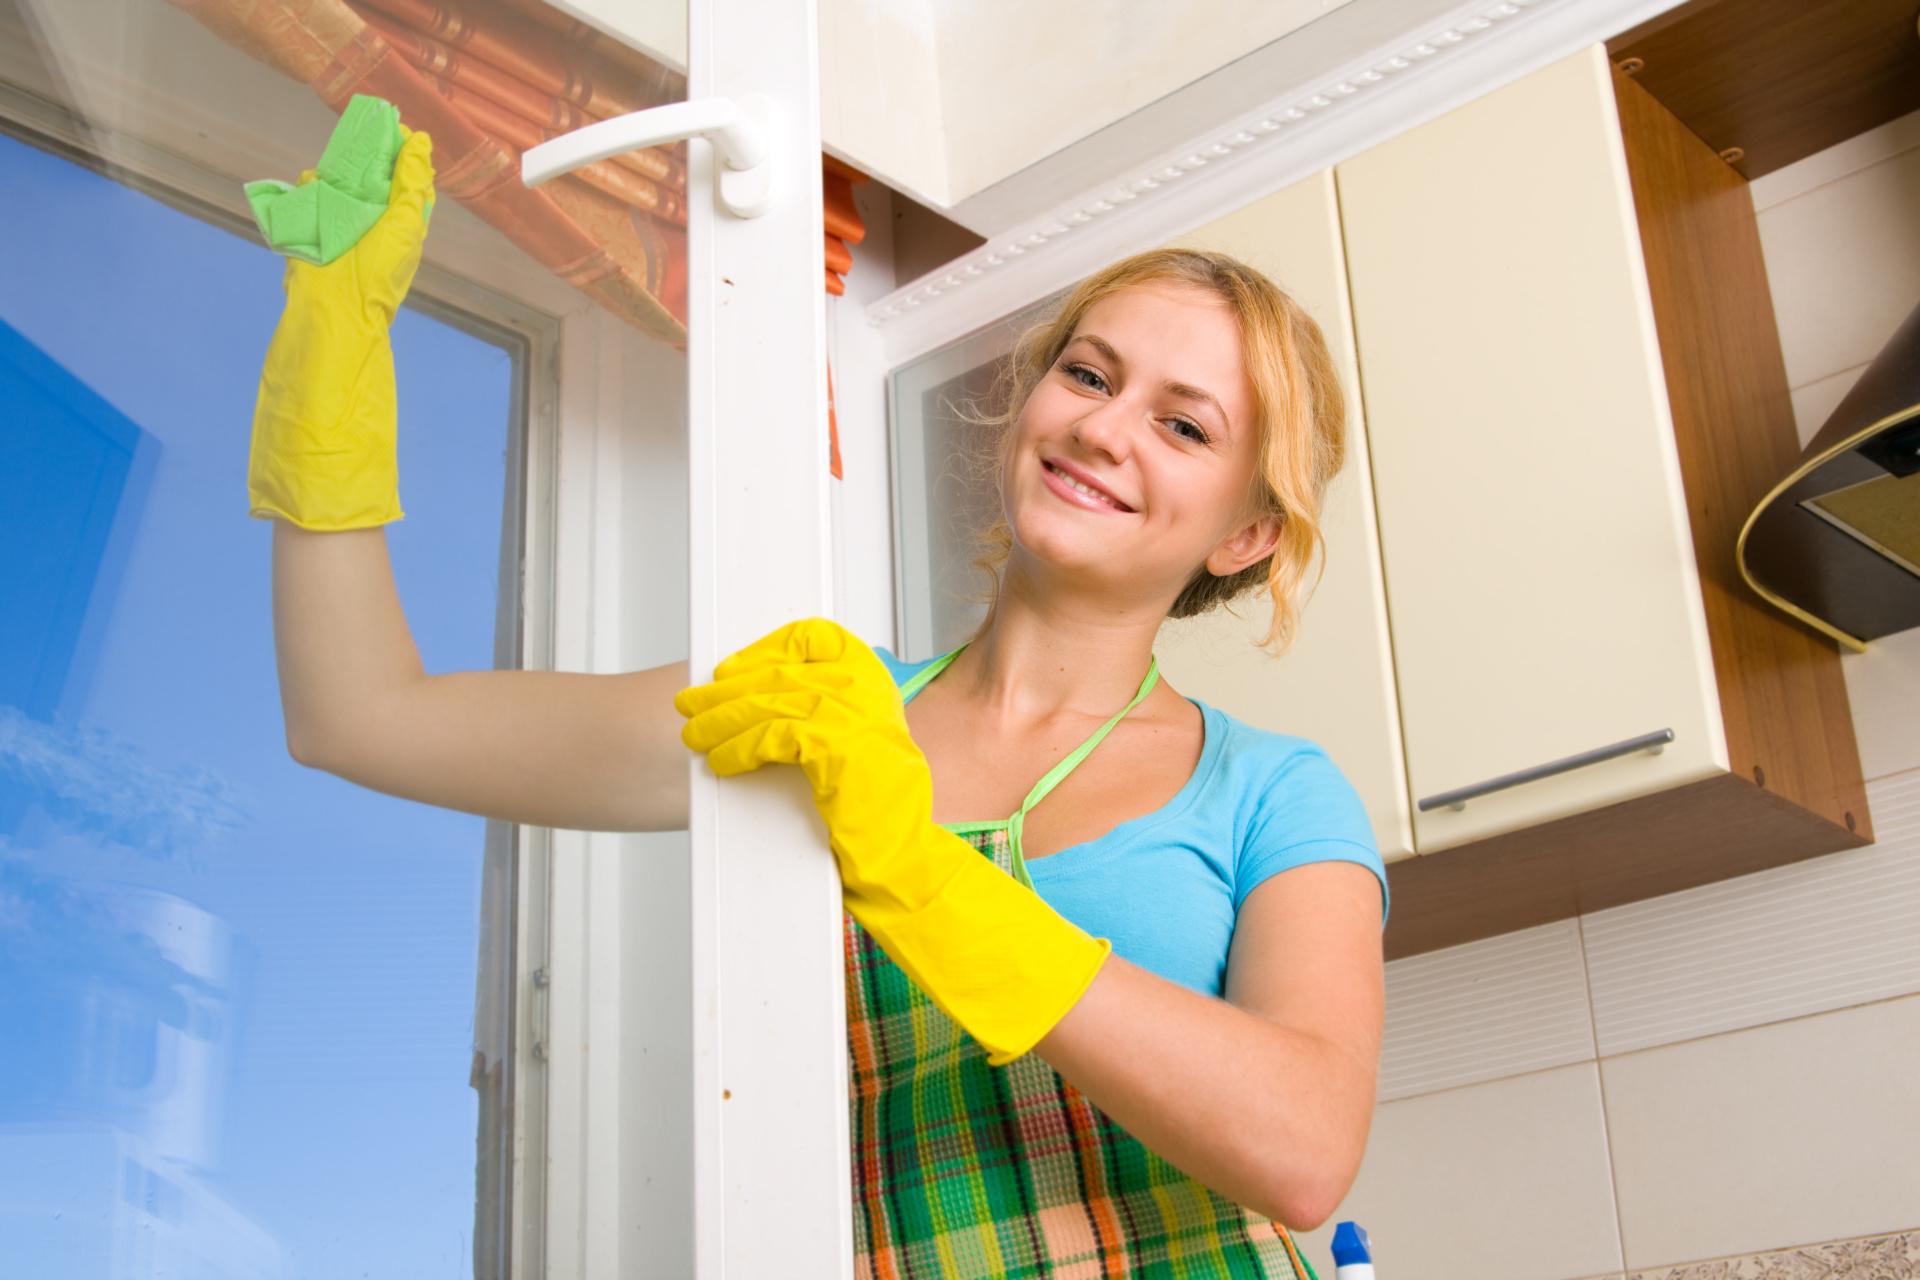 8 ошибок которые совершают во время уборки даже самые опытные хозяйки